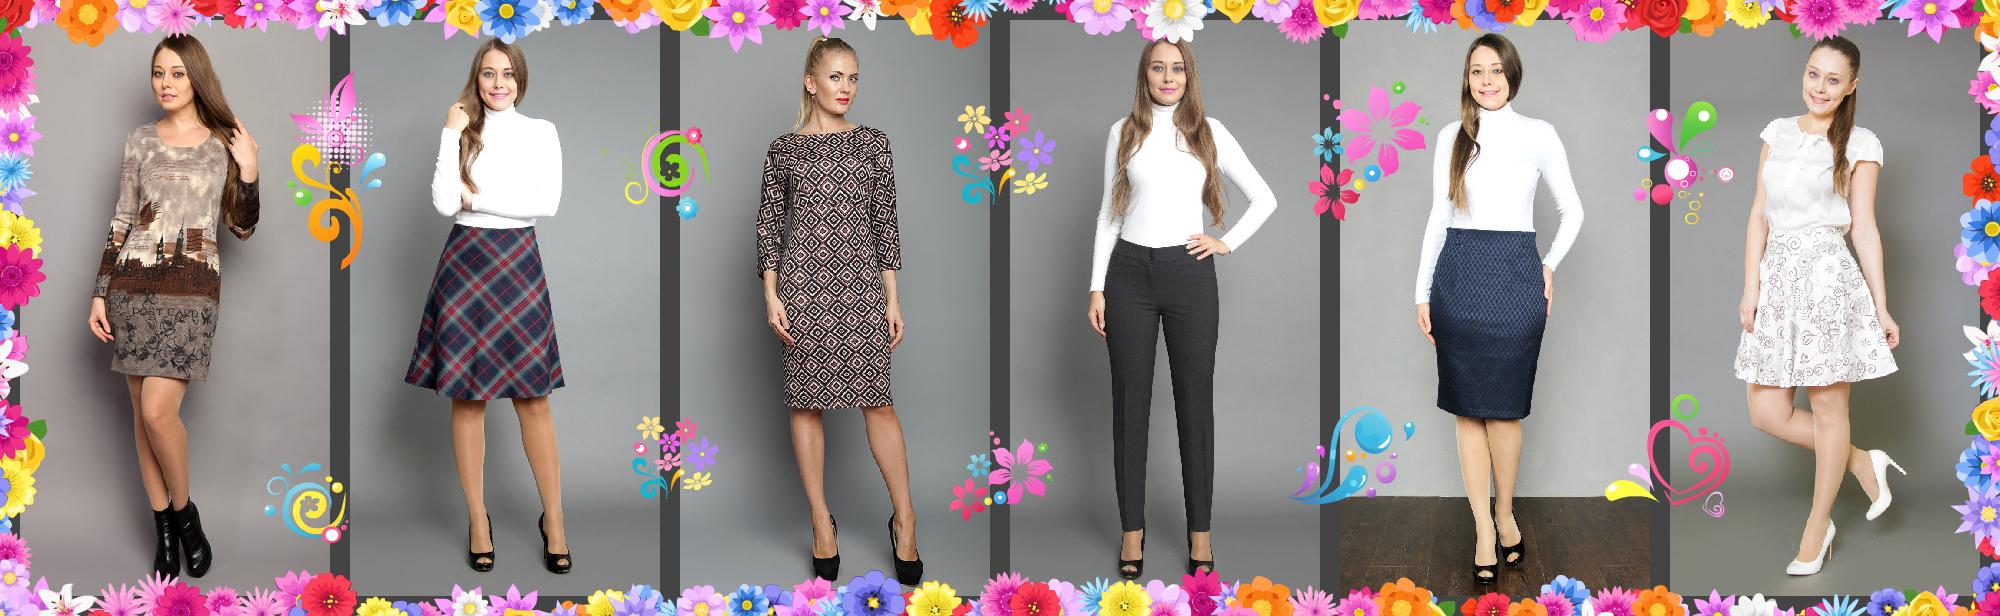 ТРИкА - Новая распродажа брюк от 200 р, юбок 300р, большой выбор платьев, брюк от самого лучшего производителя - 2/2016. Огромный выбор юбок. Широкий размерный ряд.